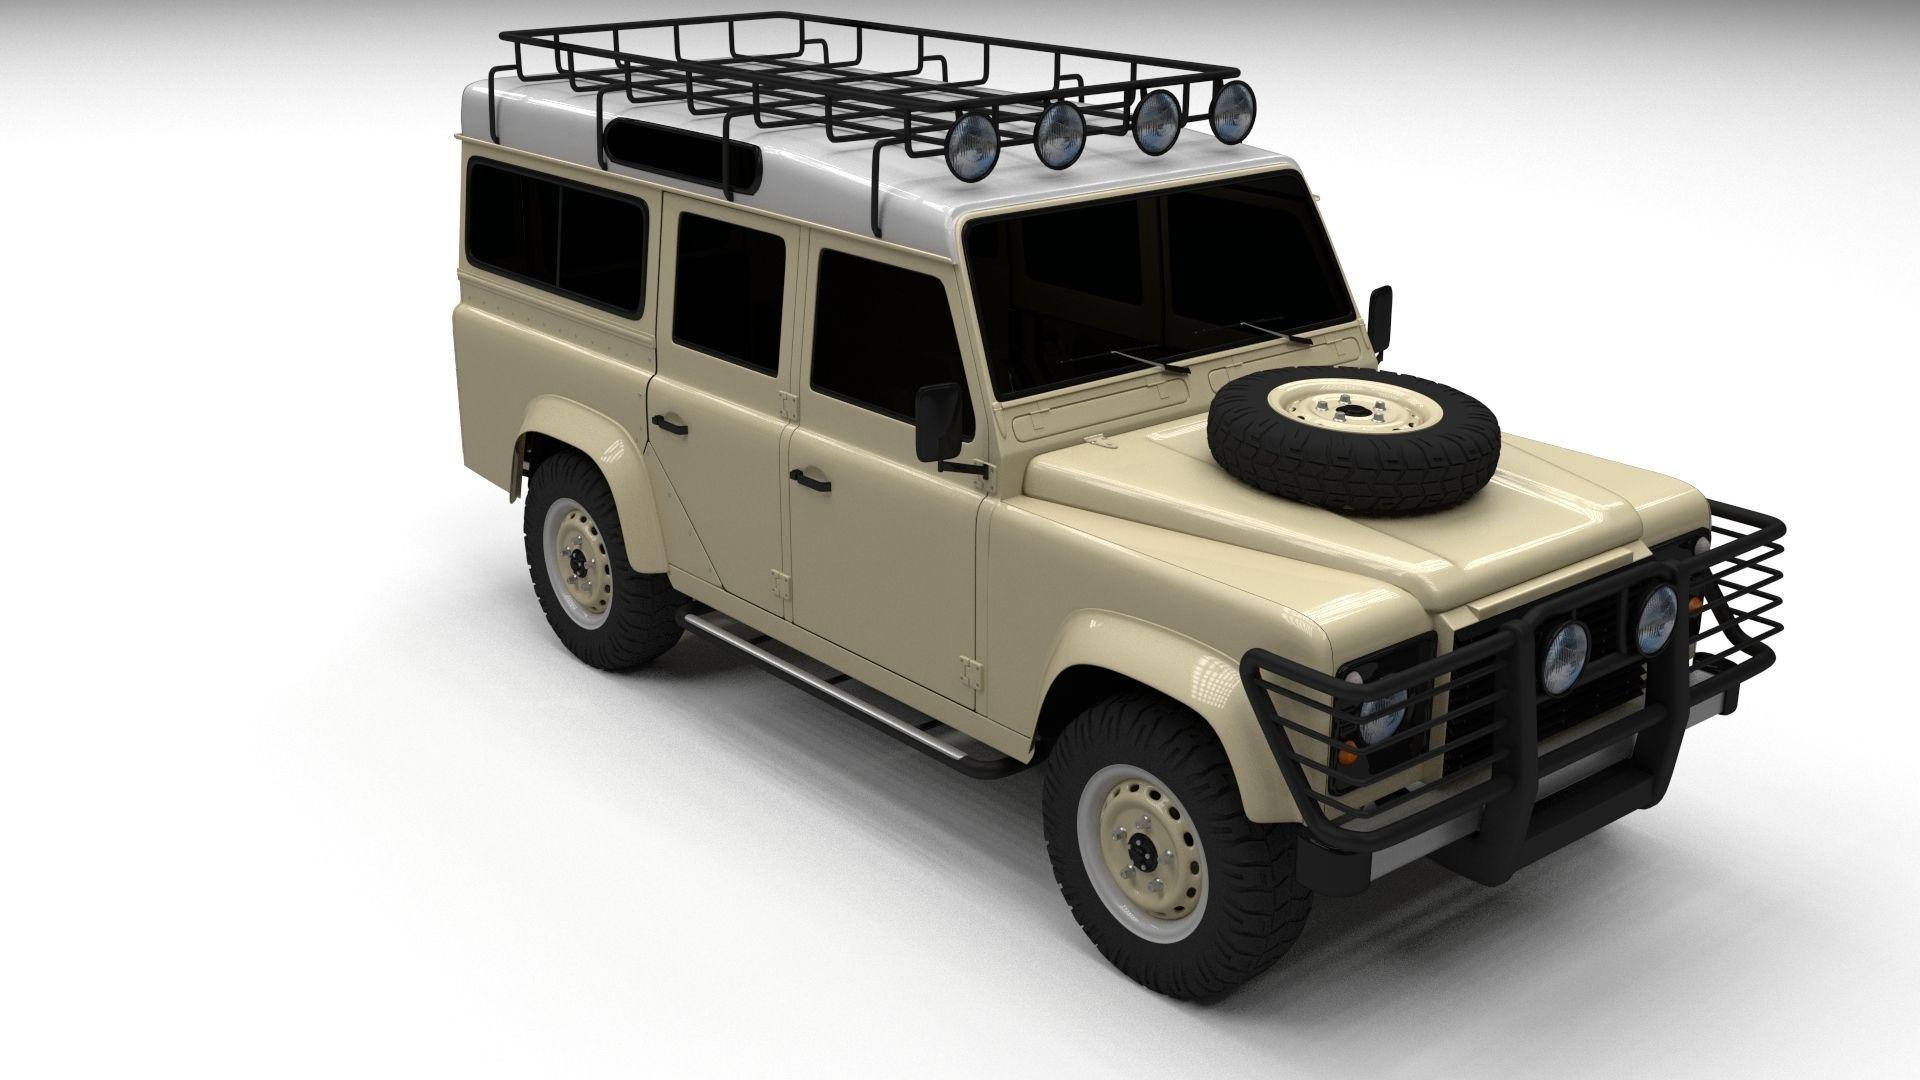 land rover defender 110 station wagon 3d model obj fbx. Black Bedroom Furniture Sets. Home Design Ideas